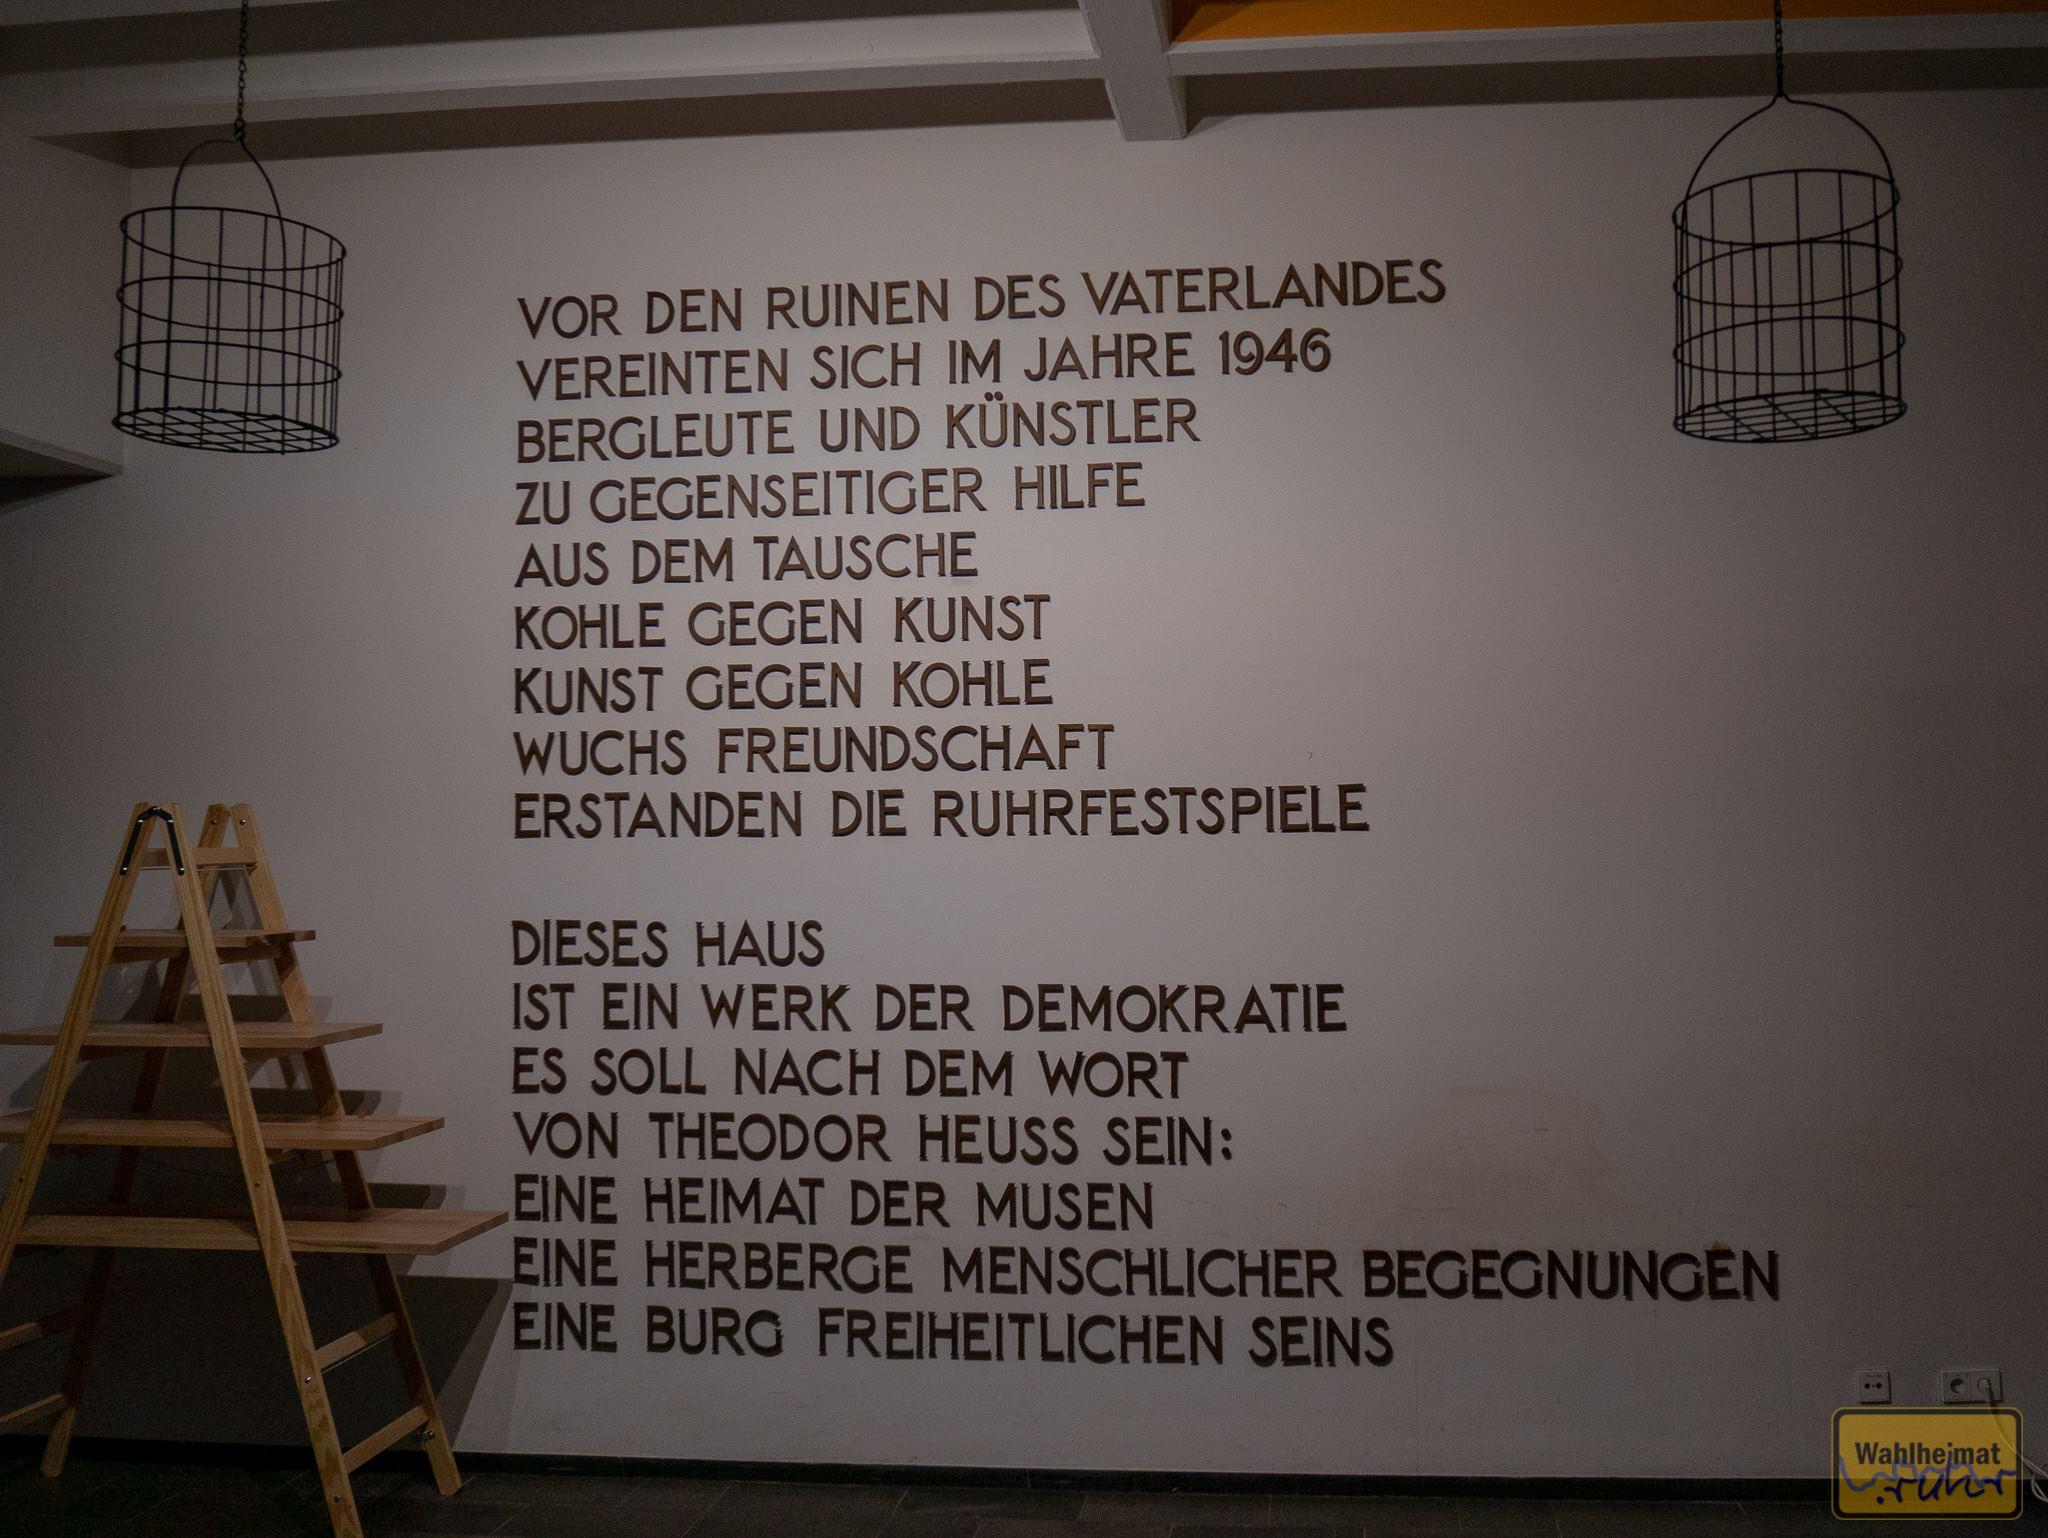 Die Geschichte der Ruhrfestspiele.